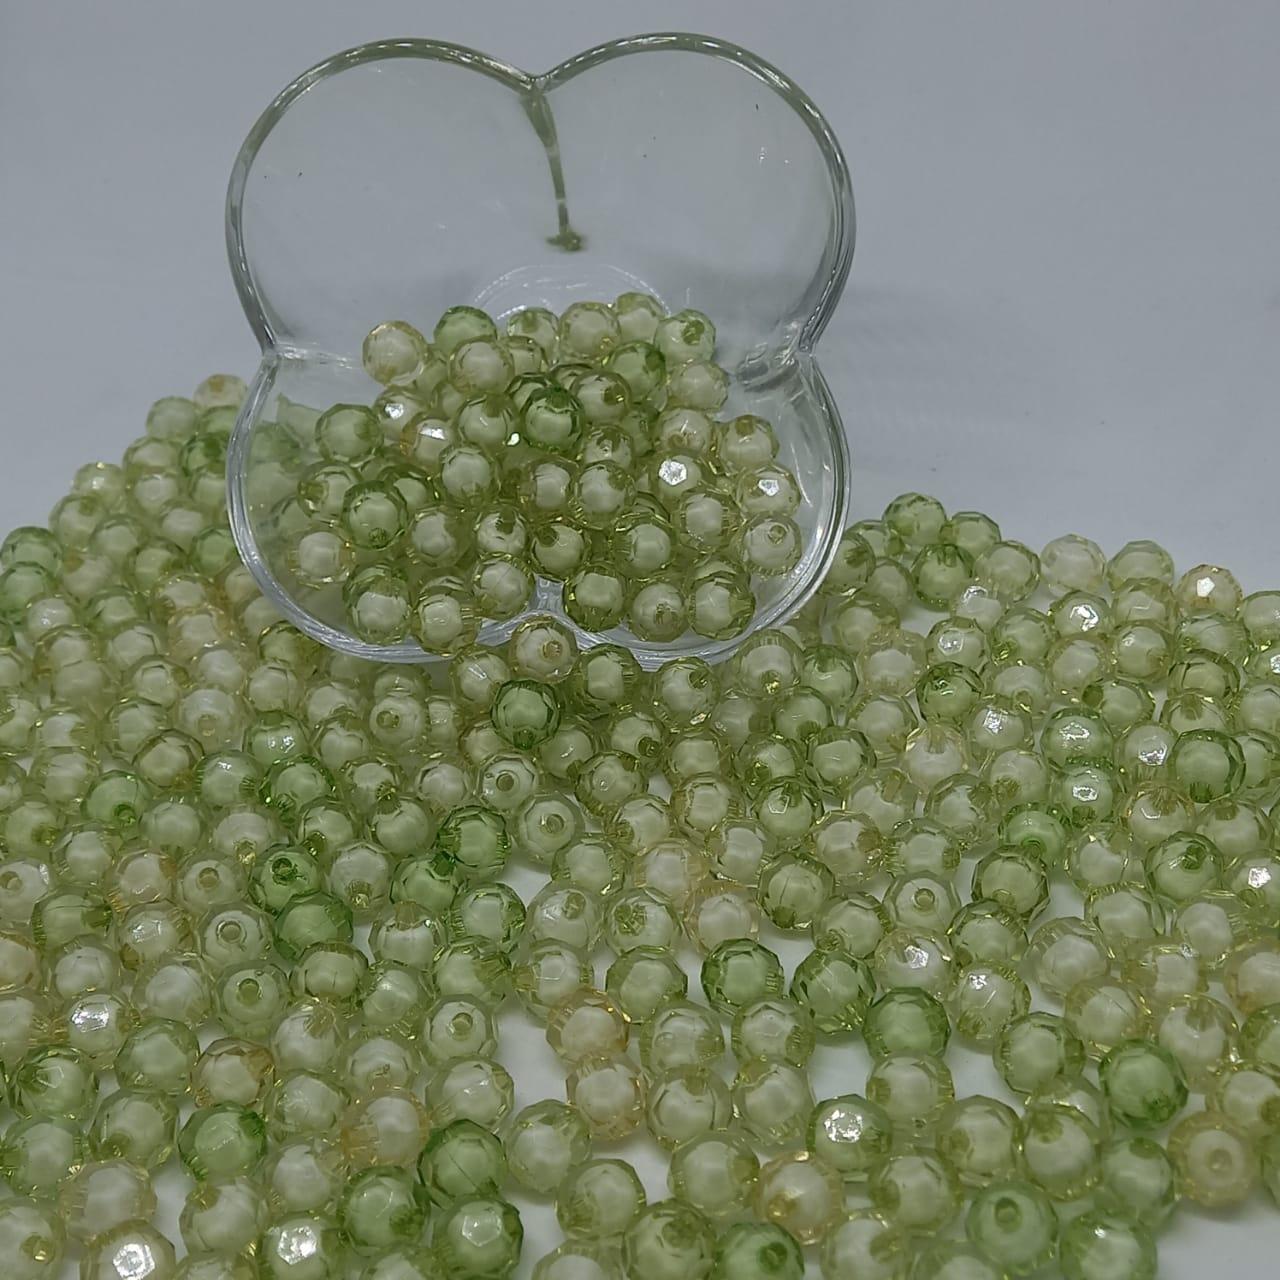 Bolinha de acrilico verde com miolo branco sextavado 10MM 25g